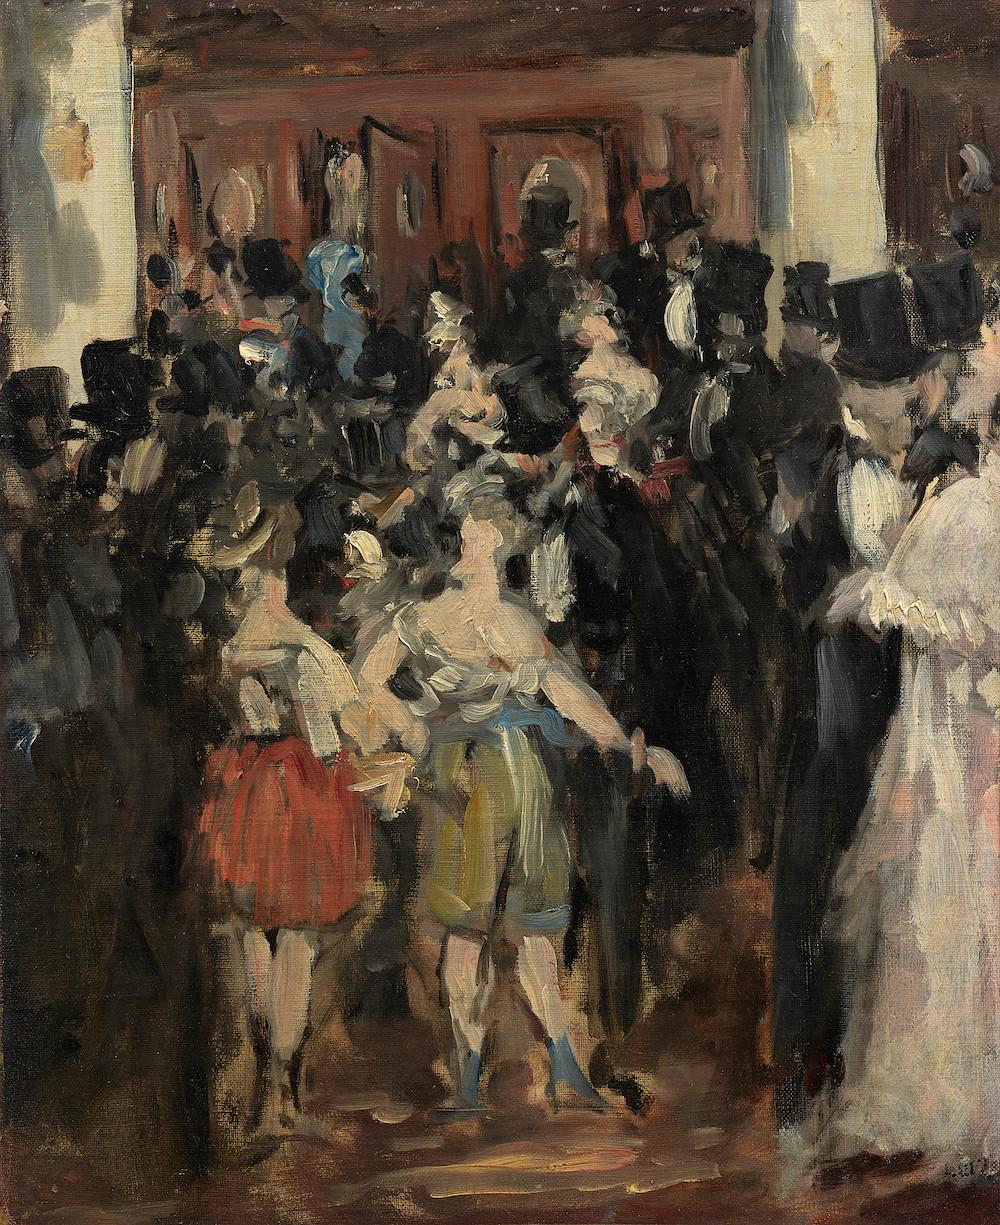 エドゥアール・マネ《オペラ座の仮装舞踏会》1873年